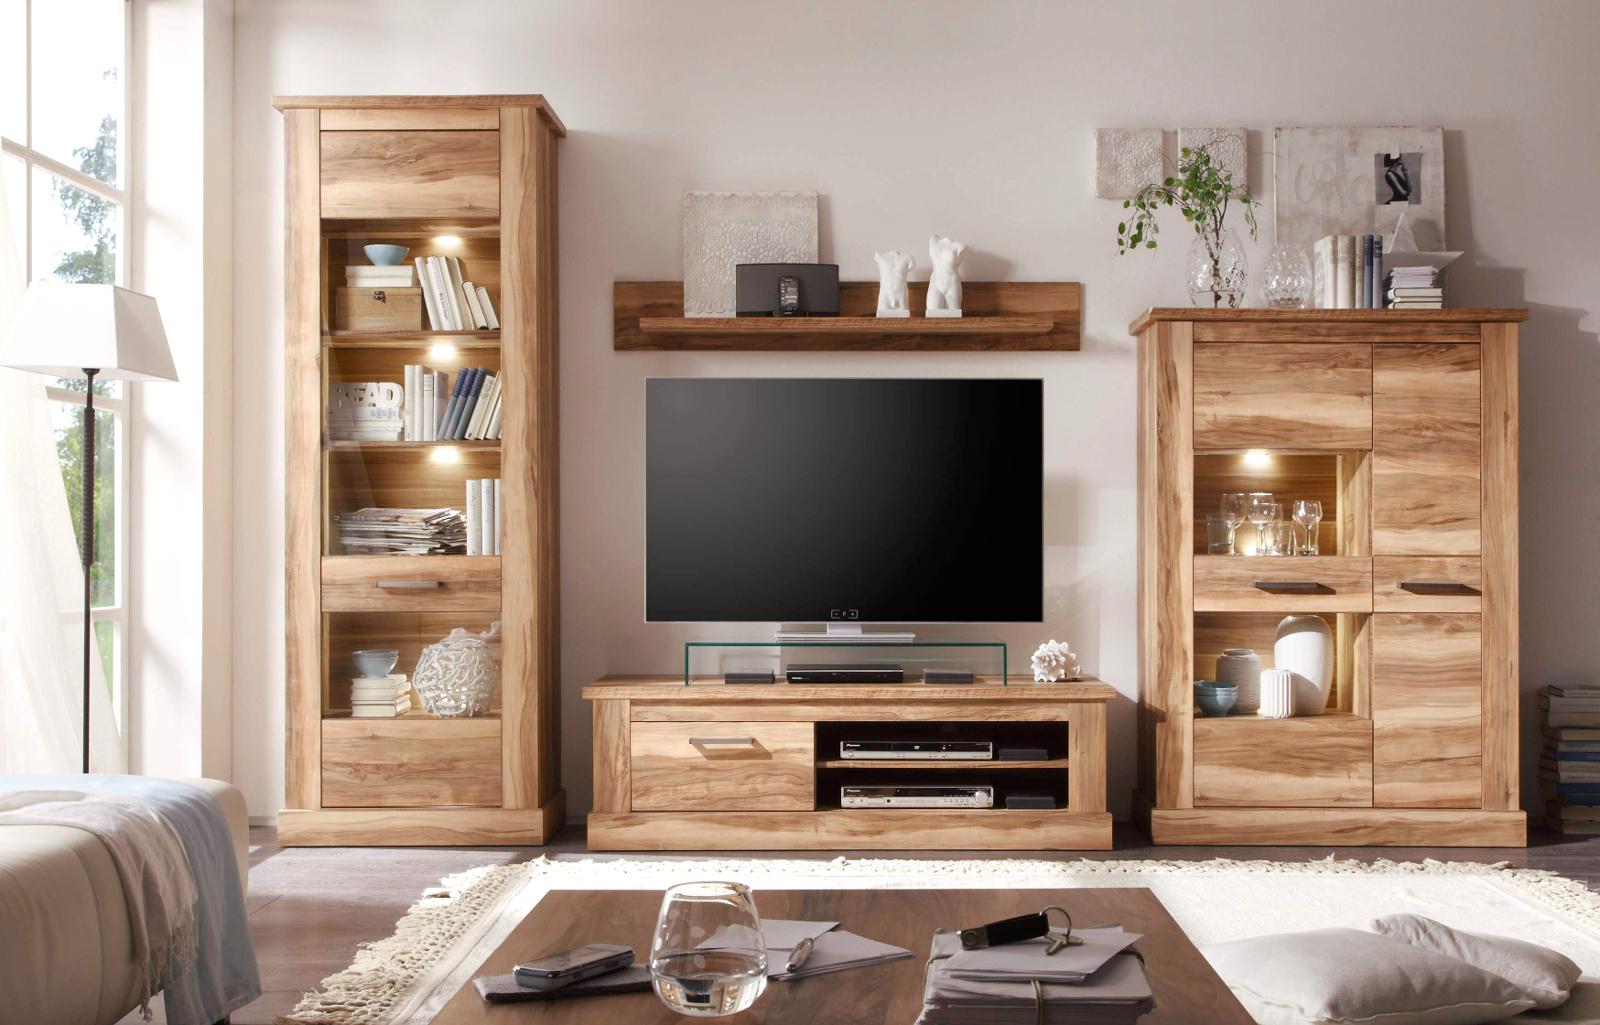 Sideboard nussbaum satin  Sideboard Nussbaum Satin günstig online kaufen